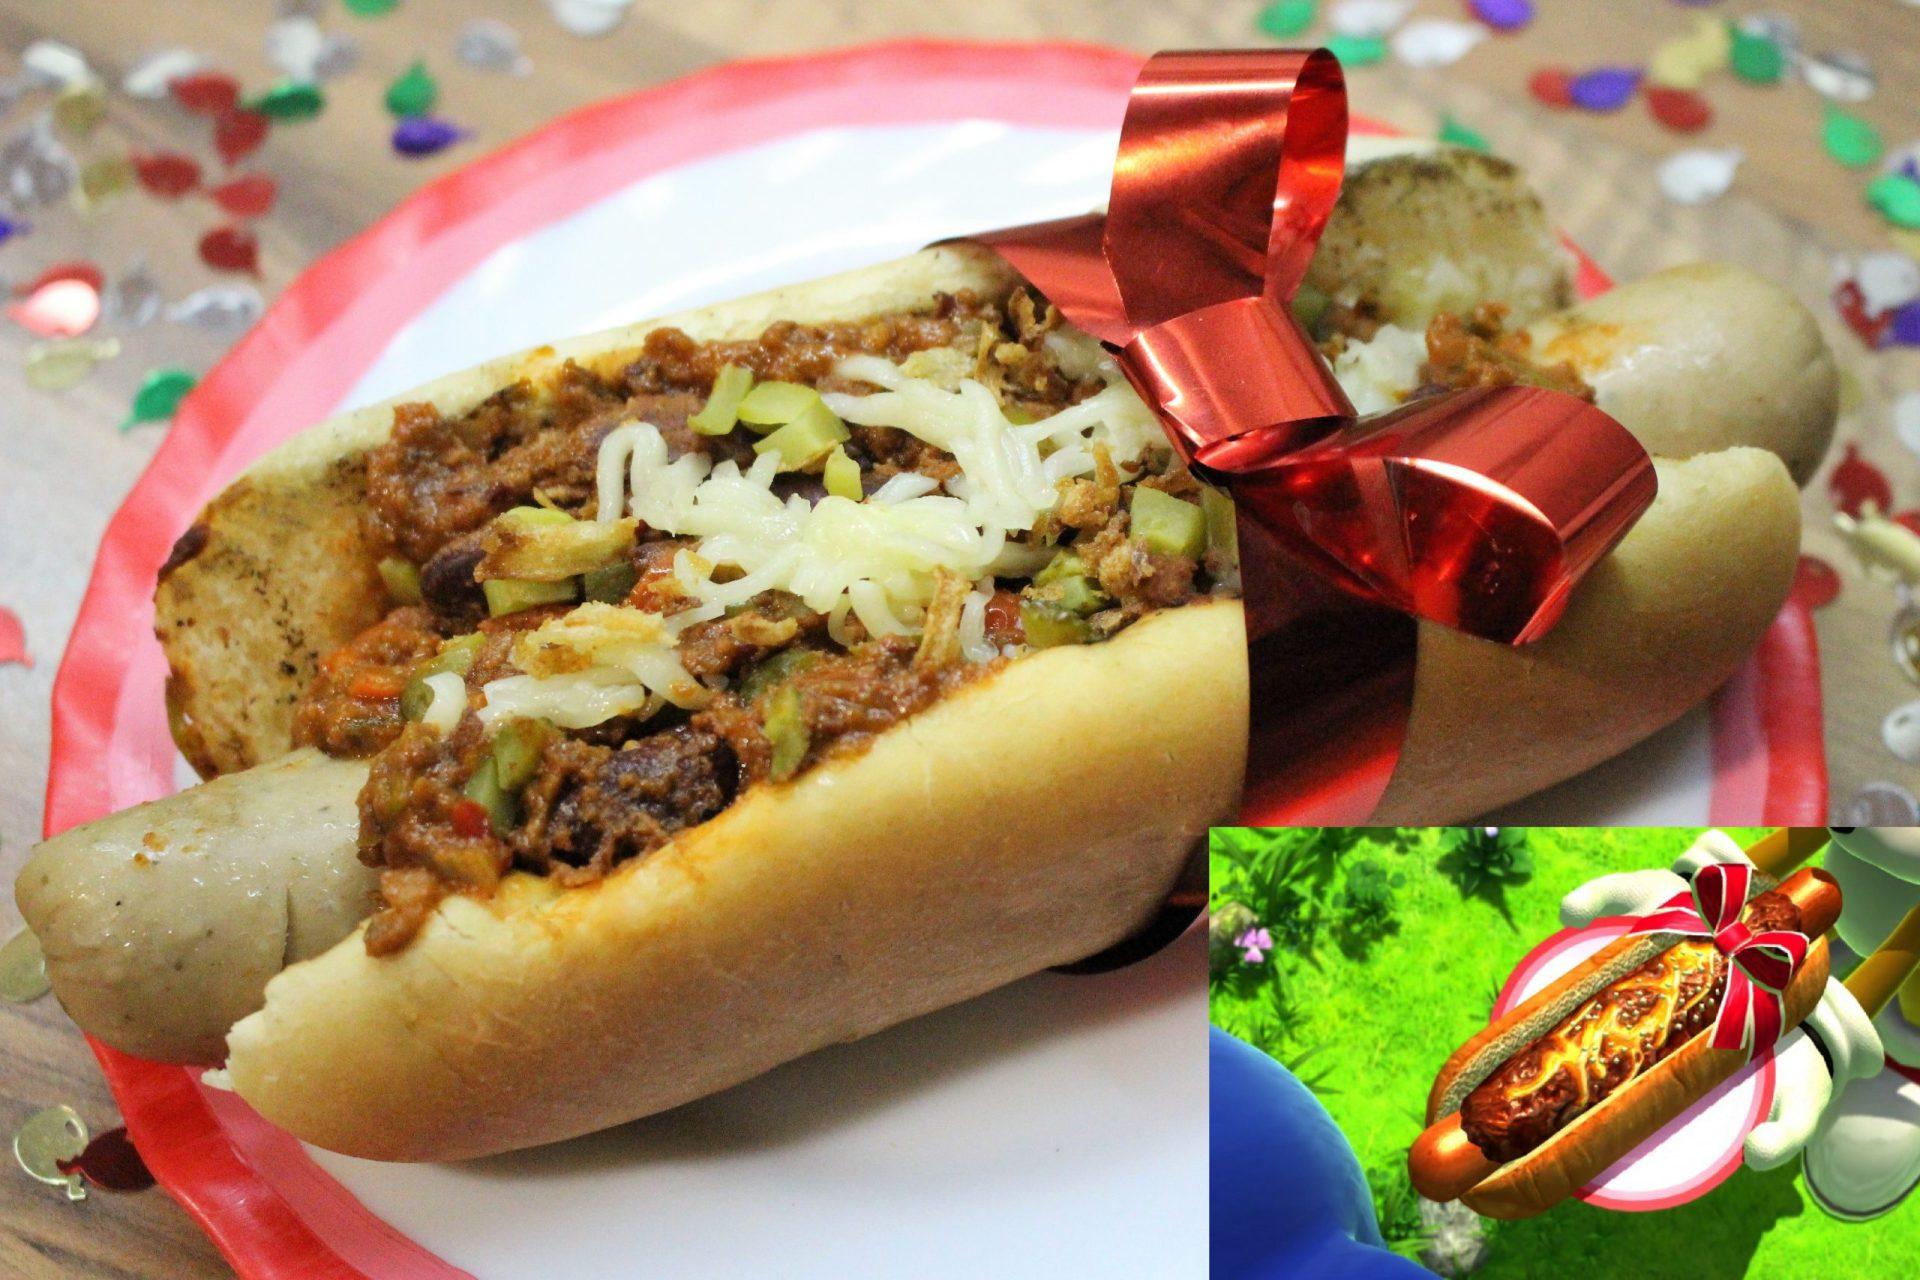 FOTO SONIC'S BIRTHDAY CHILI DOG - Cocina con Gemma